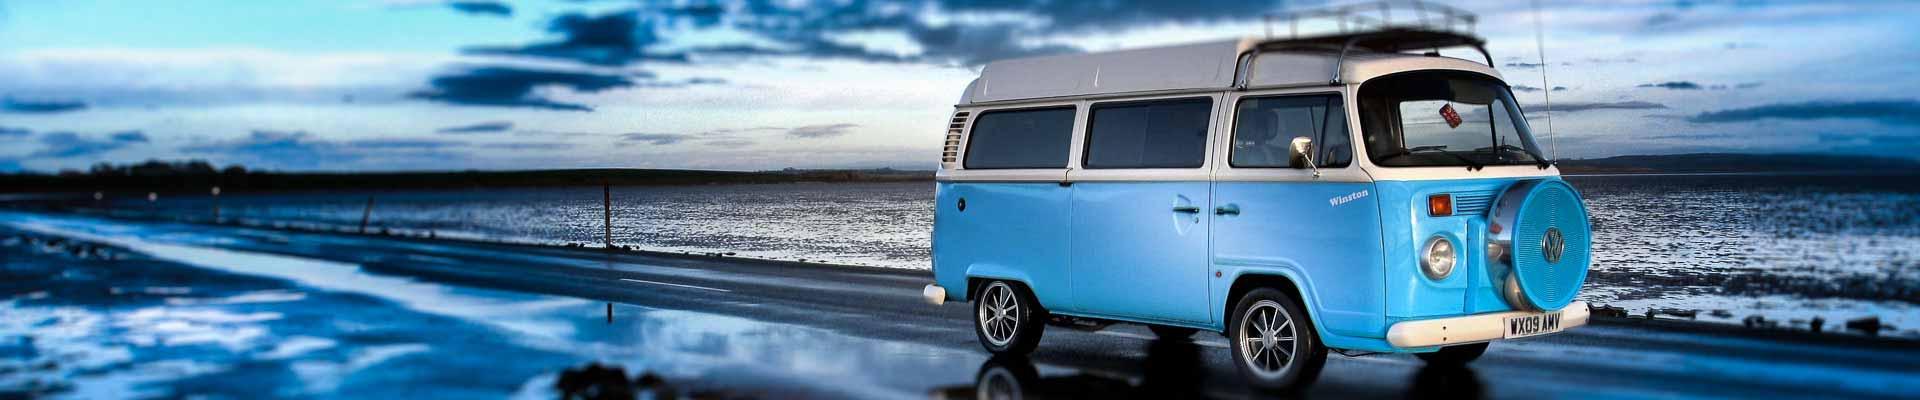 beach campervan drive 210010 2 P PM | Planificateur de voyages | PlanningMotion.com